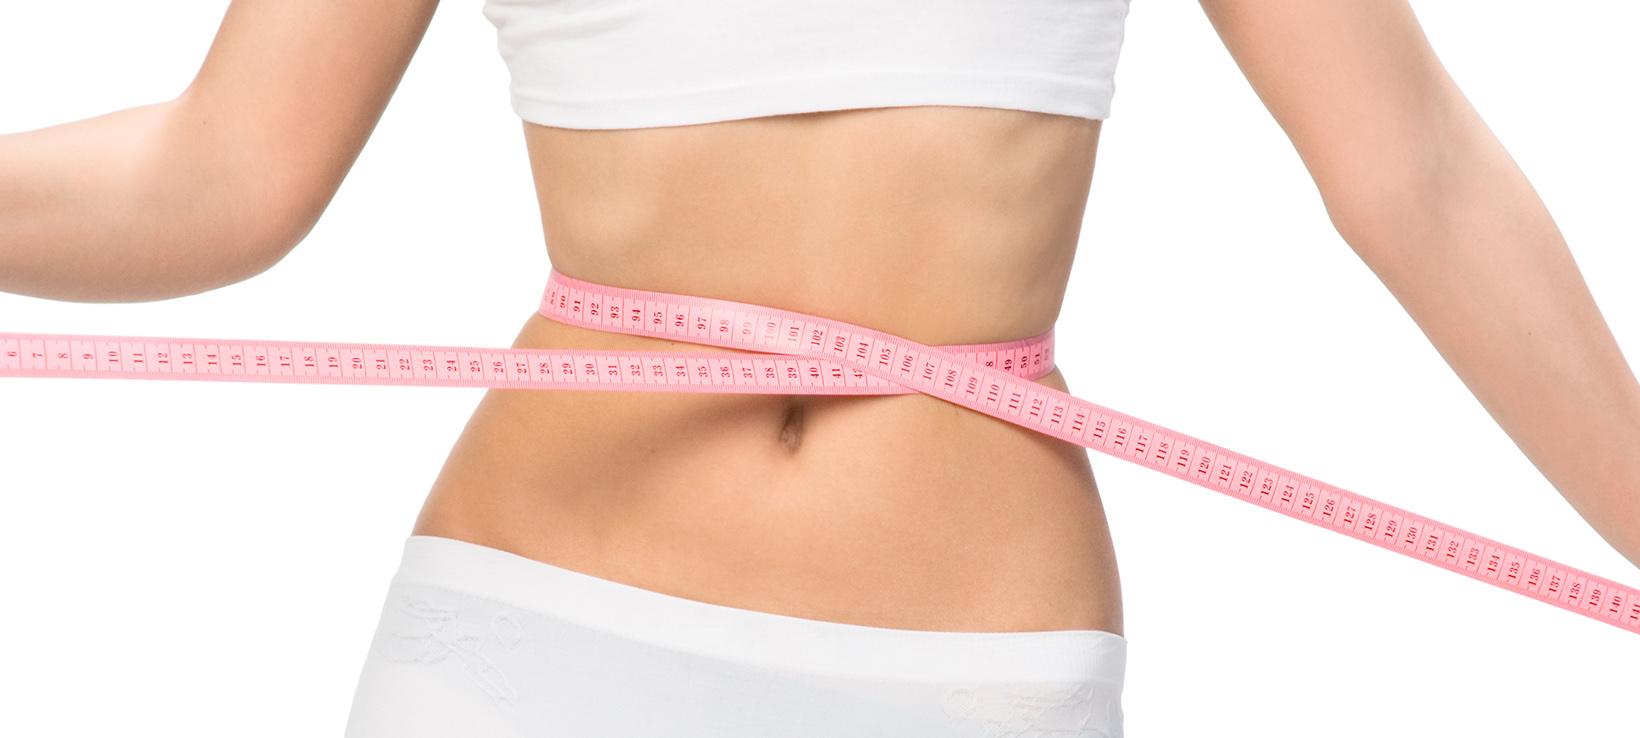 Abdomen fat reduce photo 9